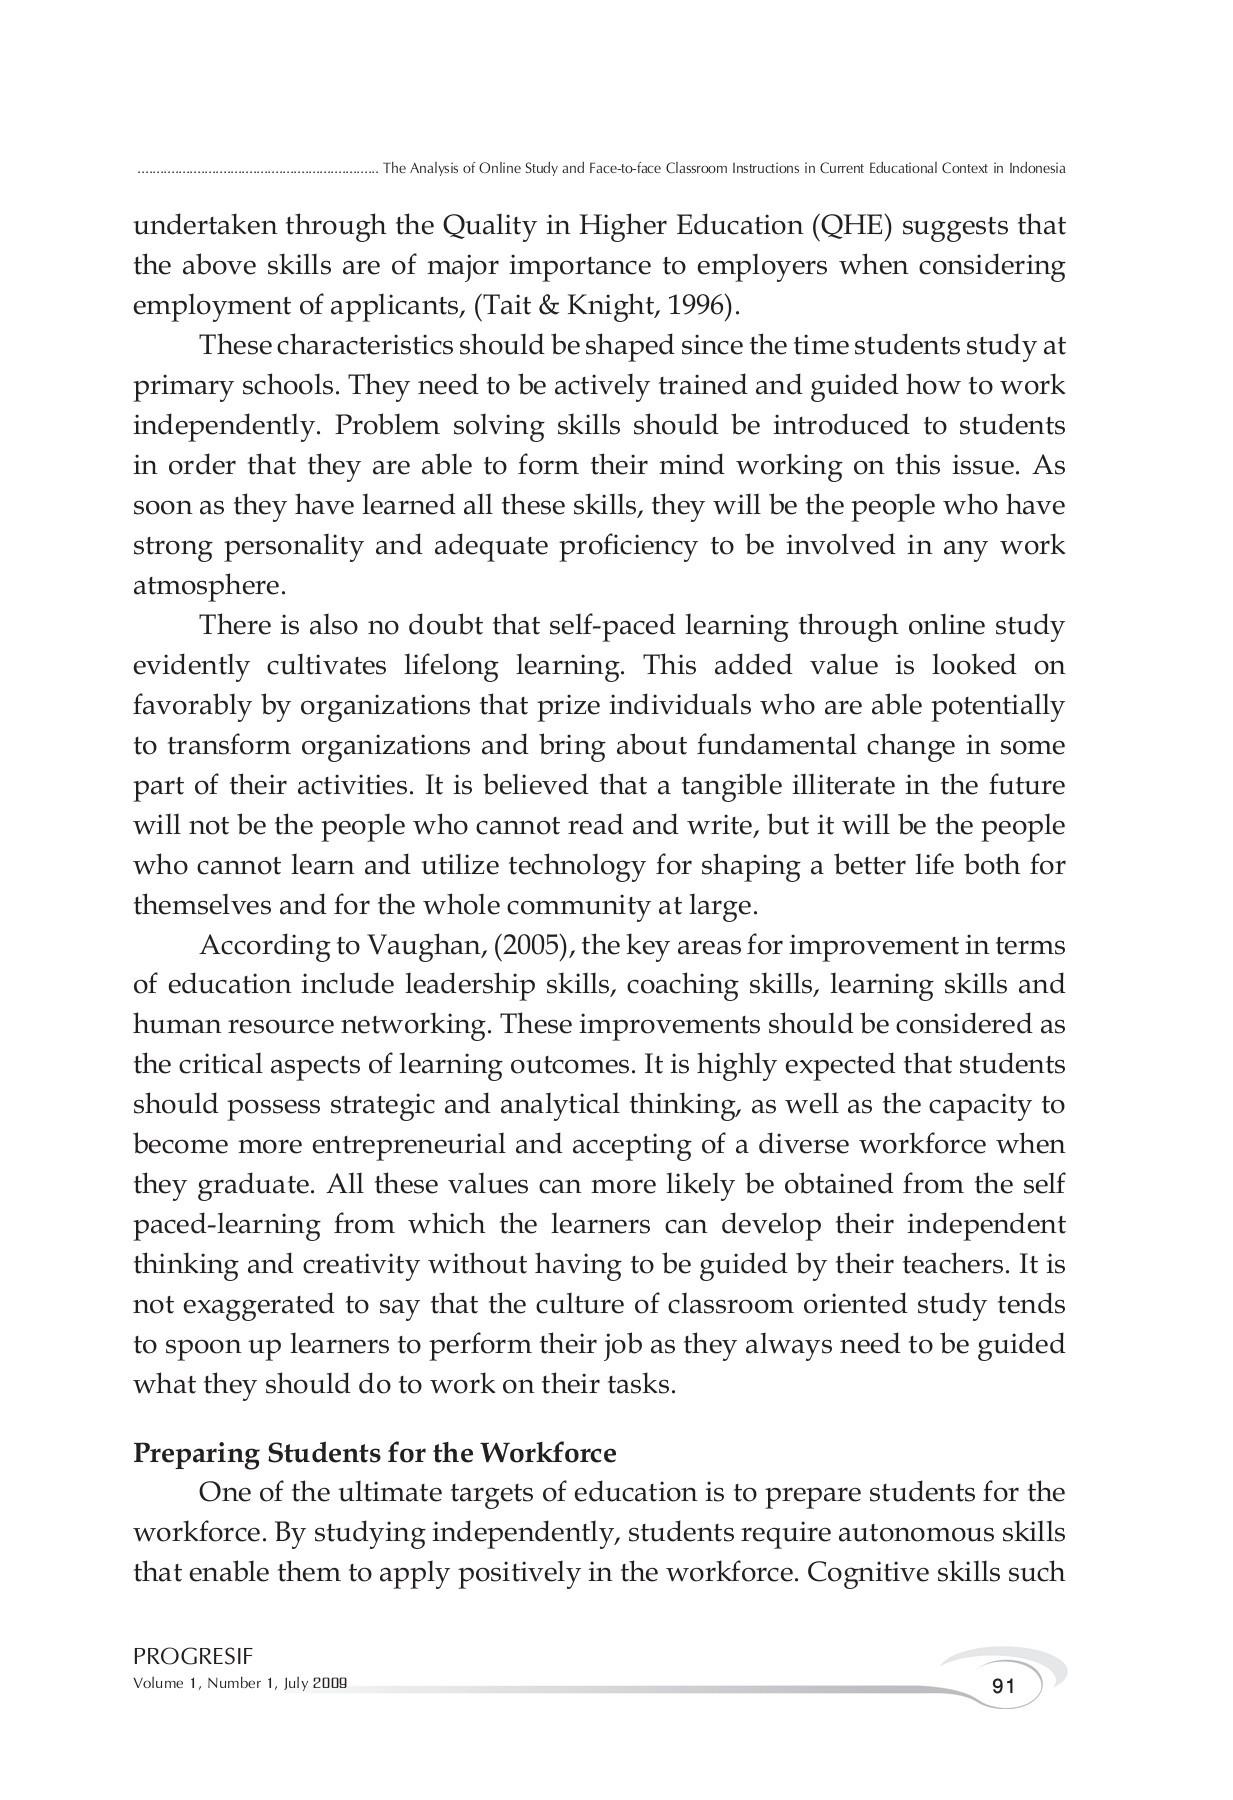 Sebab, tanpa adanya prinsip untuk memulai usaha akan sangat sulit untuk sukses bahkan mungkin tidak akan sukses. Jurnal Progresif 01 2009 Flip Book Pages 101 150 Pubhtml5